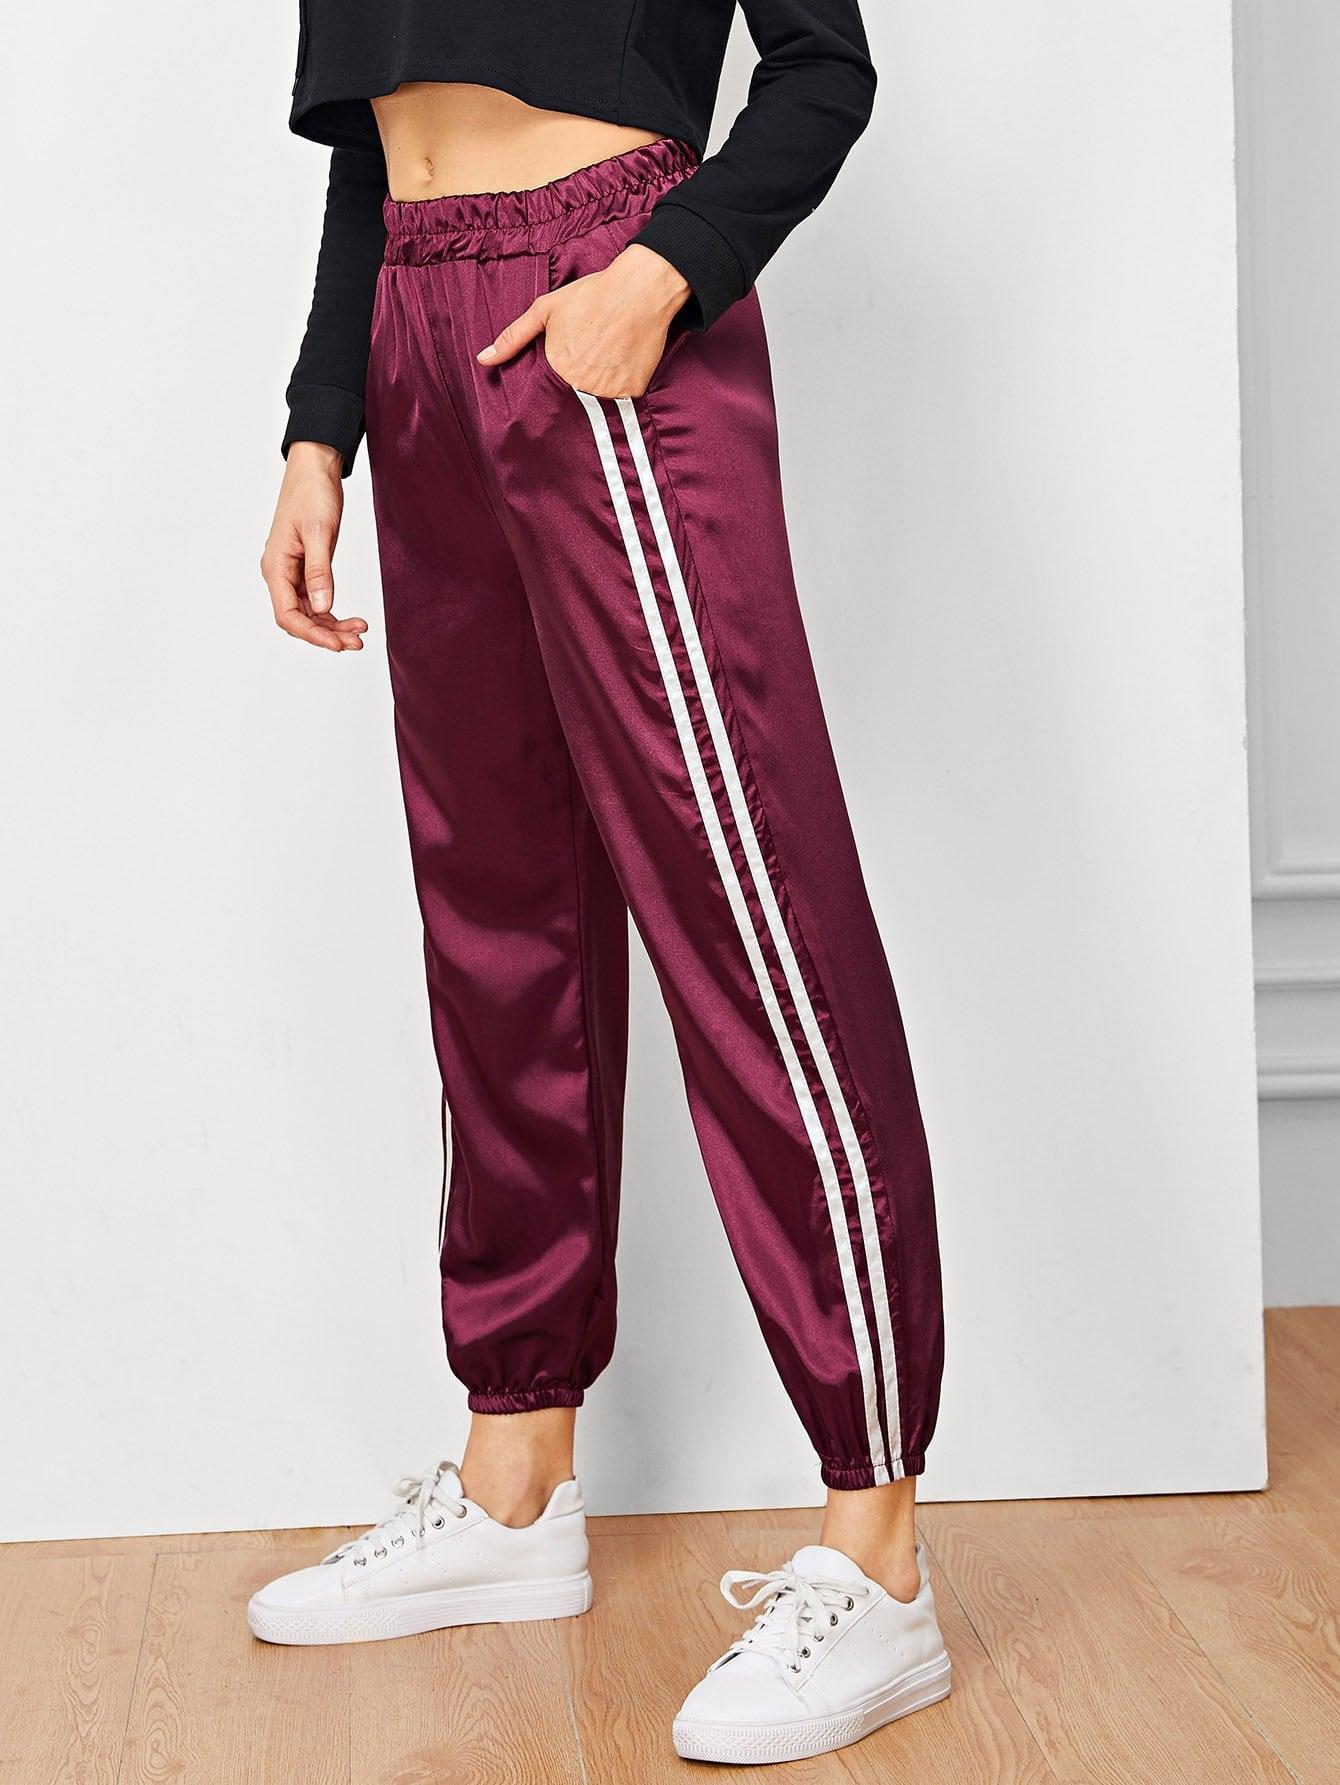 Купить Полосатые брюки с эластичным поясом, Masha, SheIn